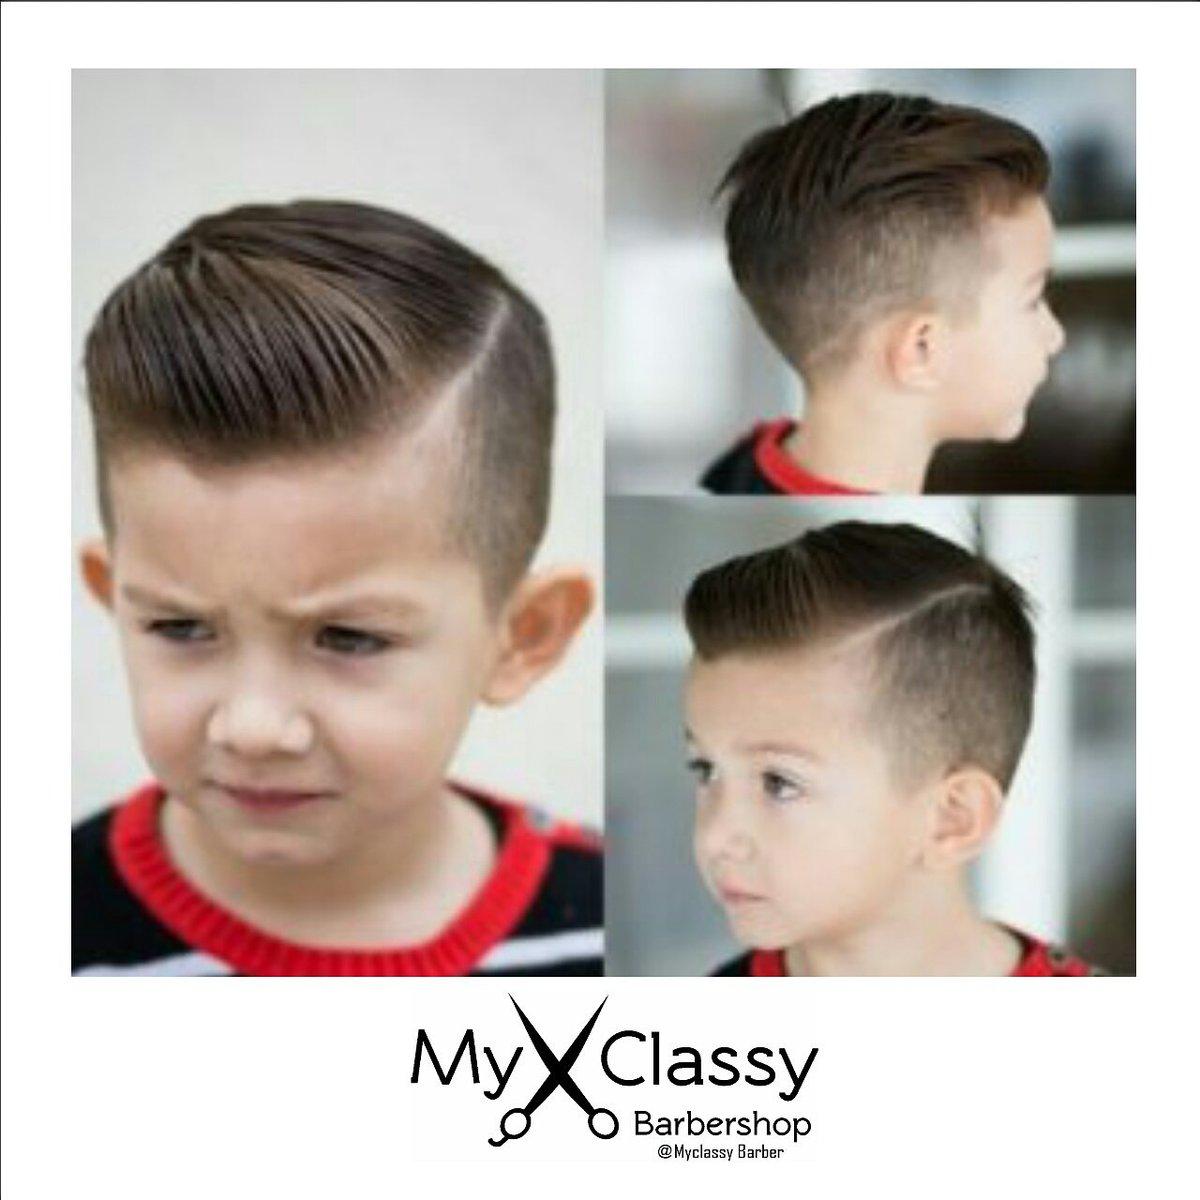 My Classy Barbershop On Twitter Model Rambut Pendek Fade Dengan Belahan Pinggir Bisa Menjadi Referensi Buat Anak Sekolahan Nih Rapih Tapi Tp Tetep Keren Dan Gaya Https T Co Xbipafqbgt